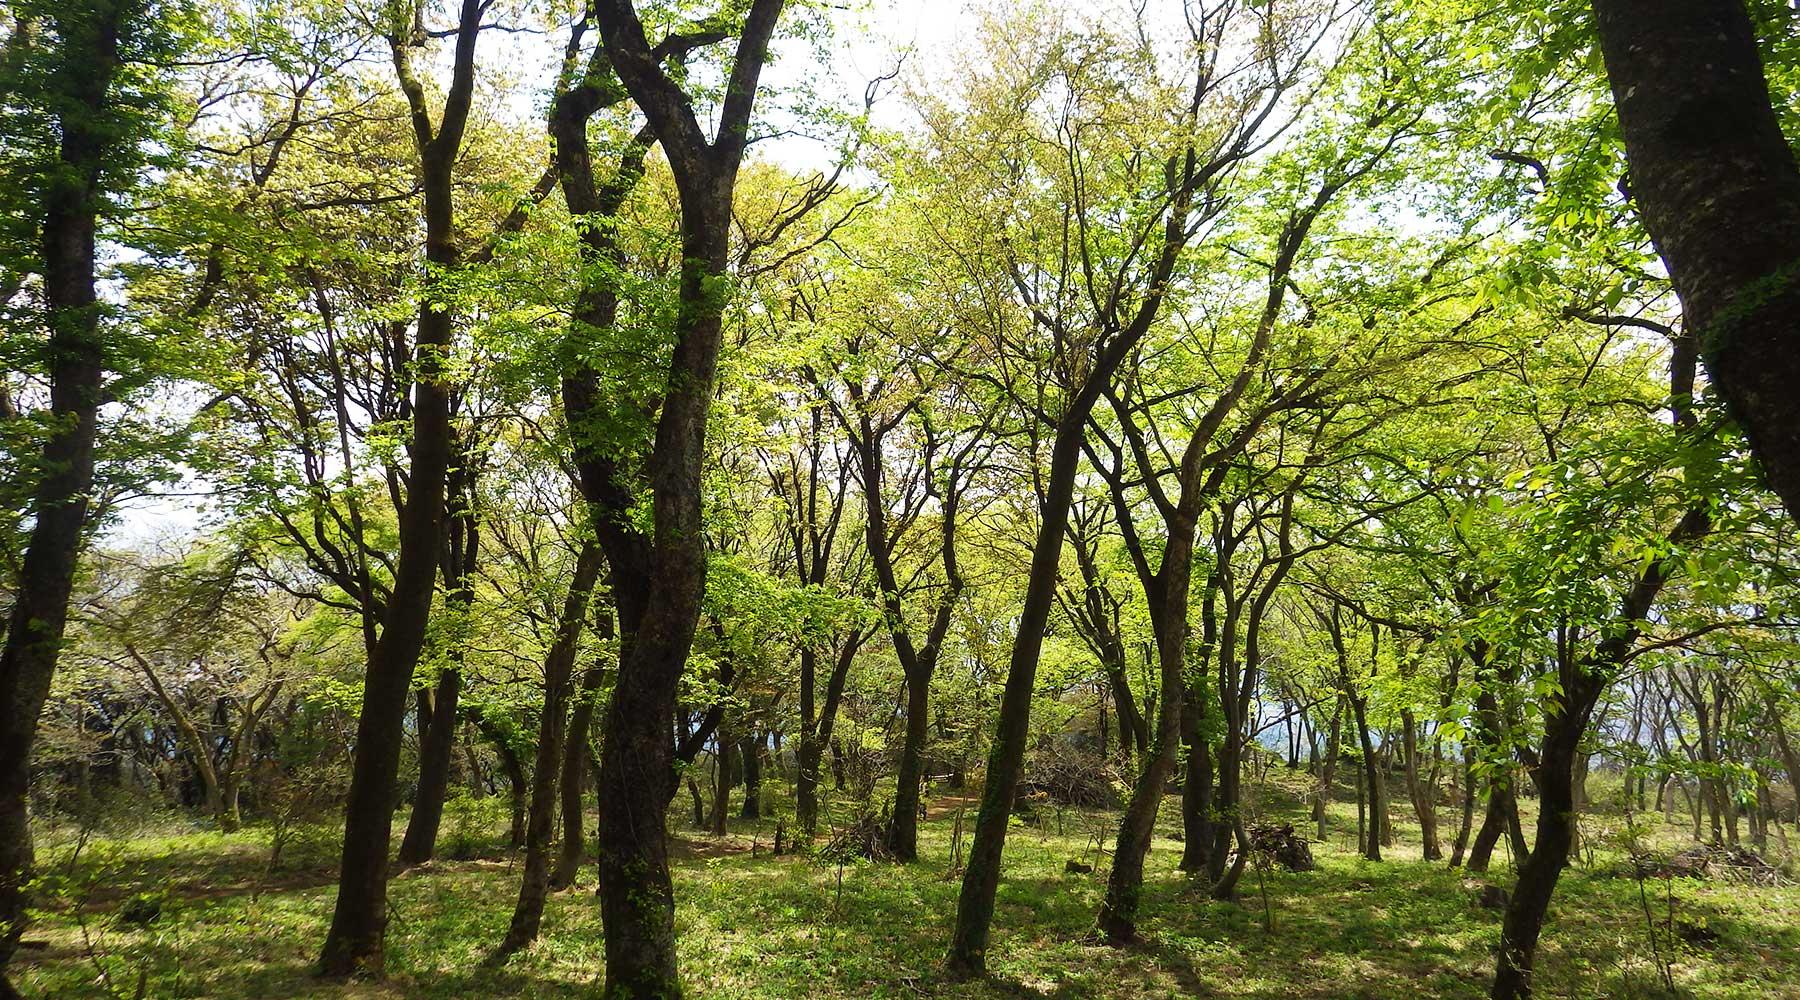 宝篋山山頂下にある山桜の森